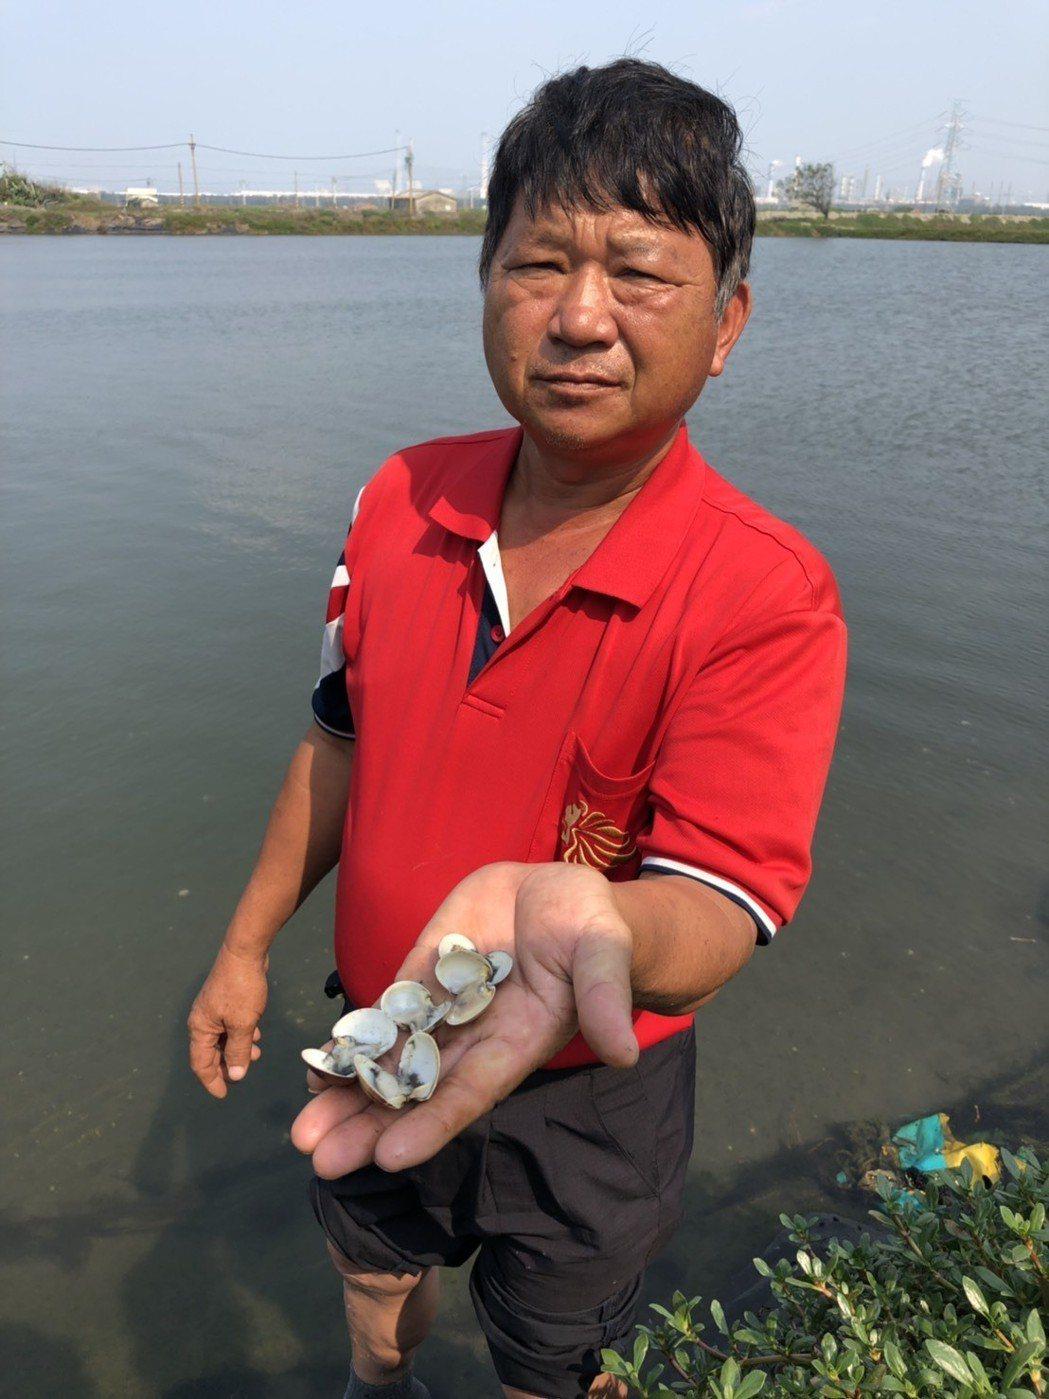 台西、麥寮等養殖業者直指六輕氣爆導致,台西鄉公所要求六輕賠償比照辦理。記者李京昇...